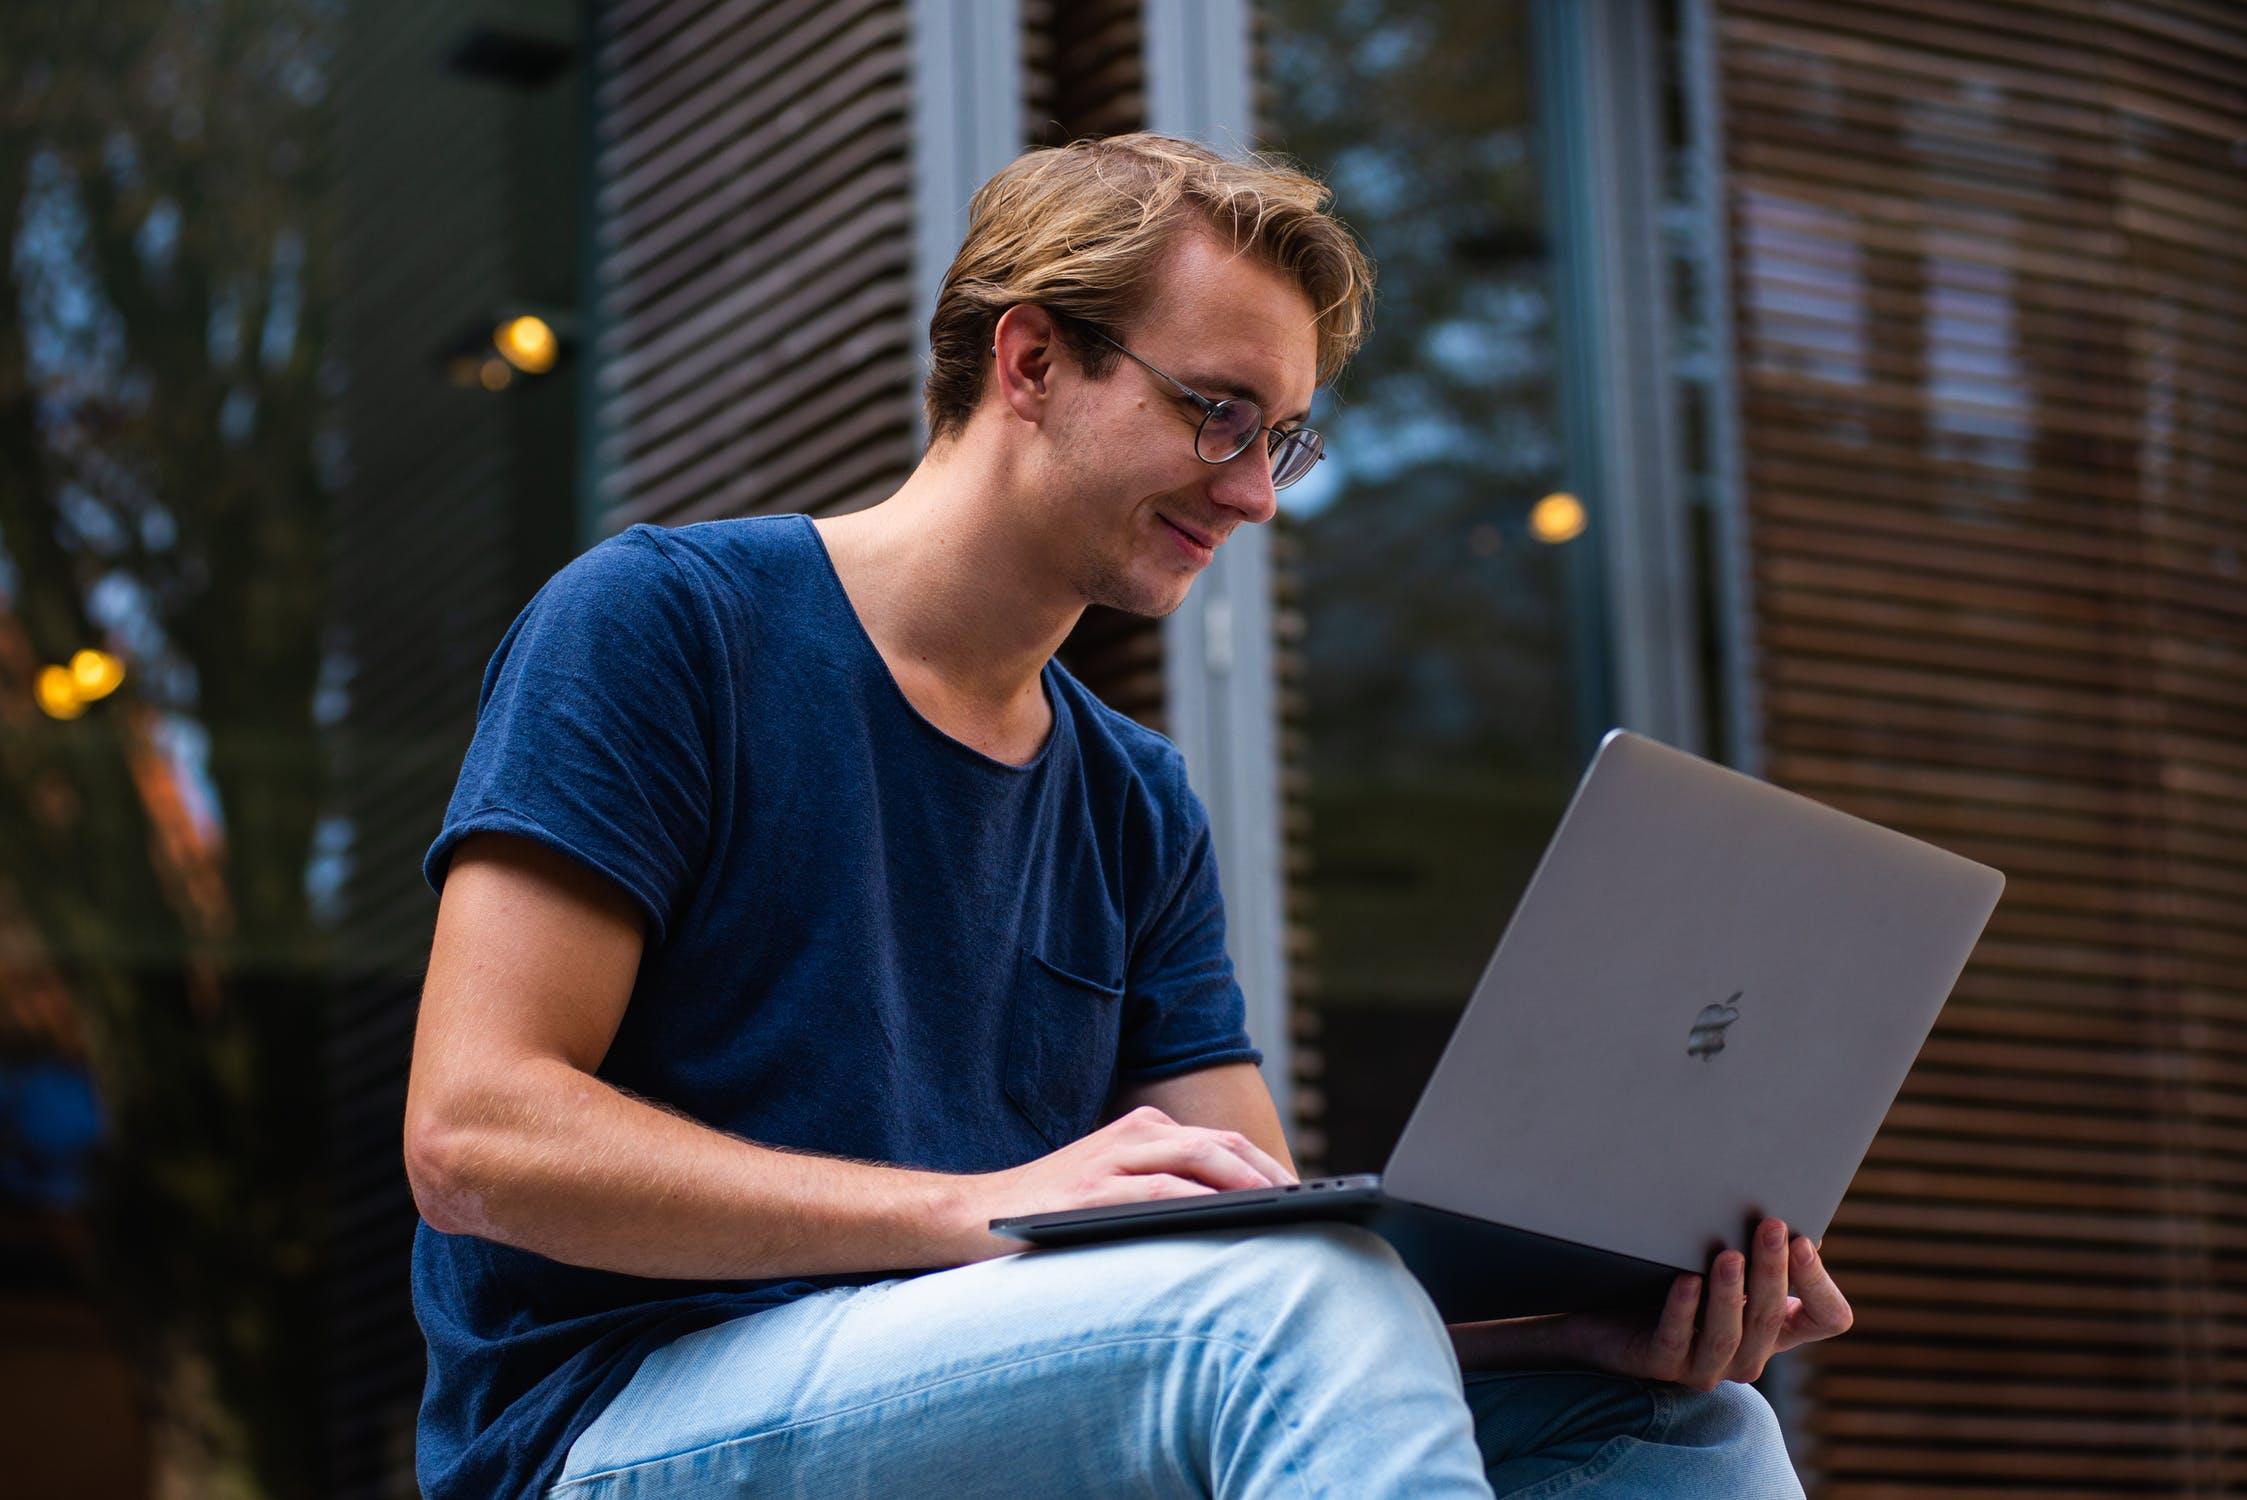 Cara Bermain Saham Online Gratis & Menguntungkan Bagi Investor Pemula